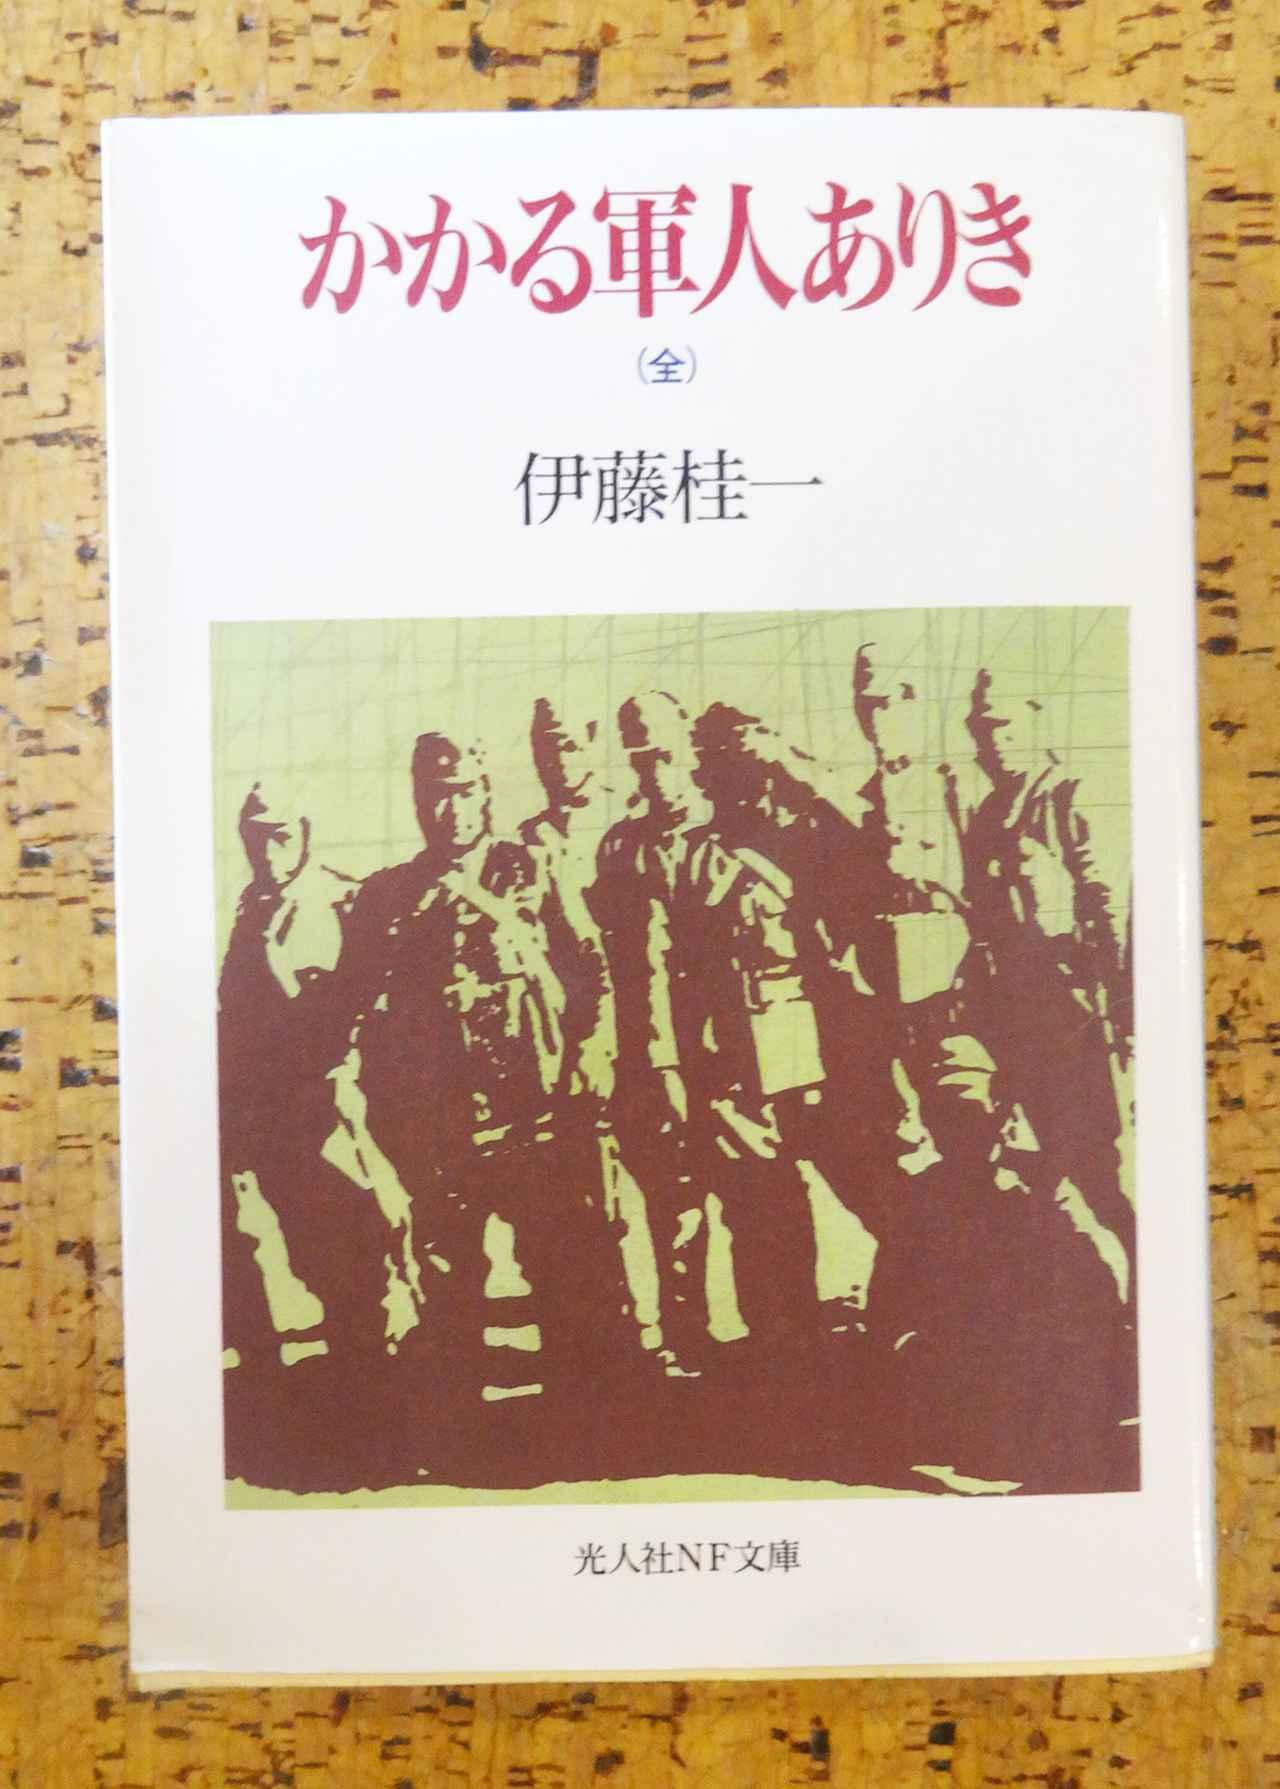 画像3: 永遠の図書室通信 第36話「著者 伊藤桂一」